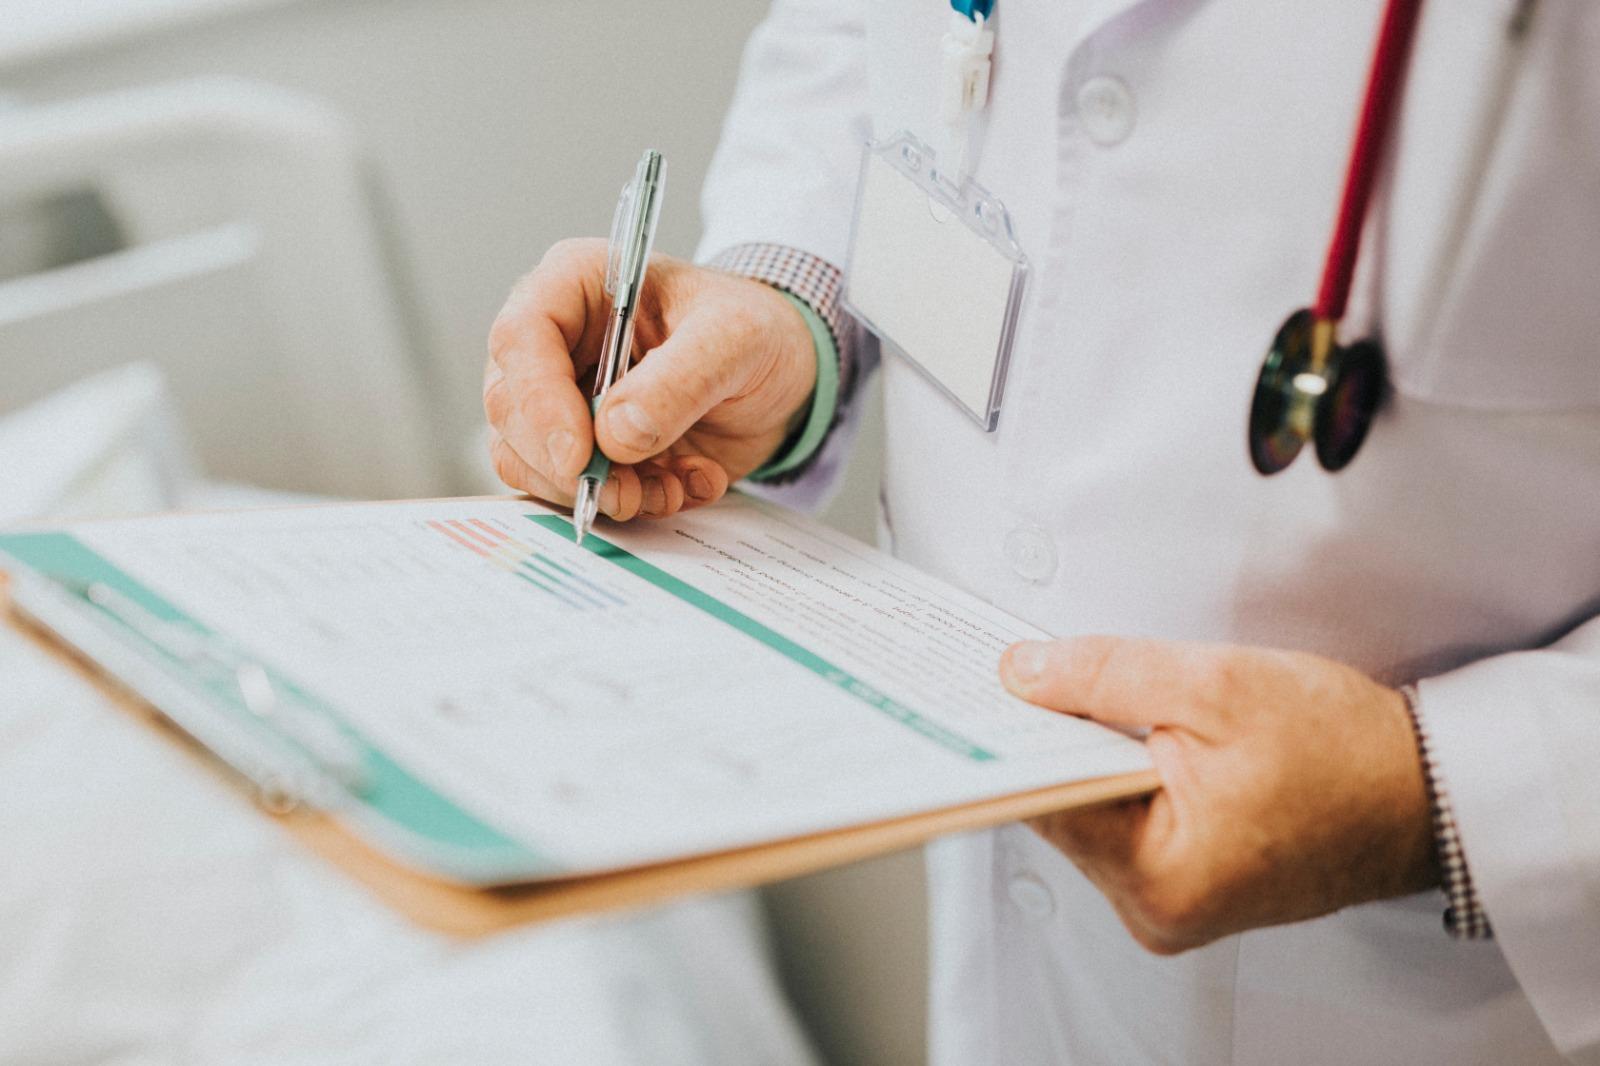 Cartella medica incompleta? Non può tradursi in un danno per il paziente